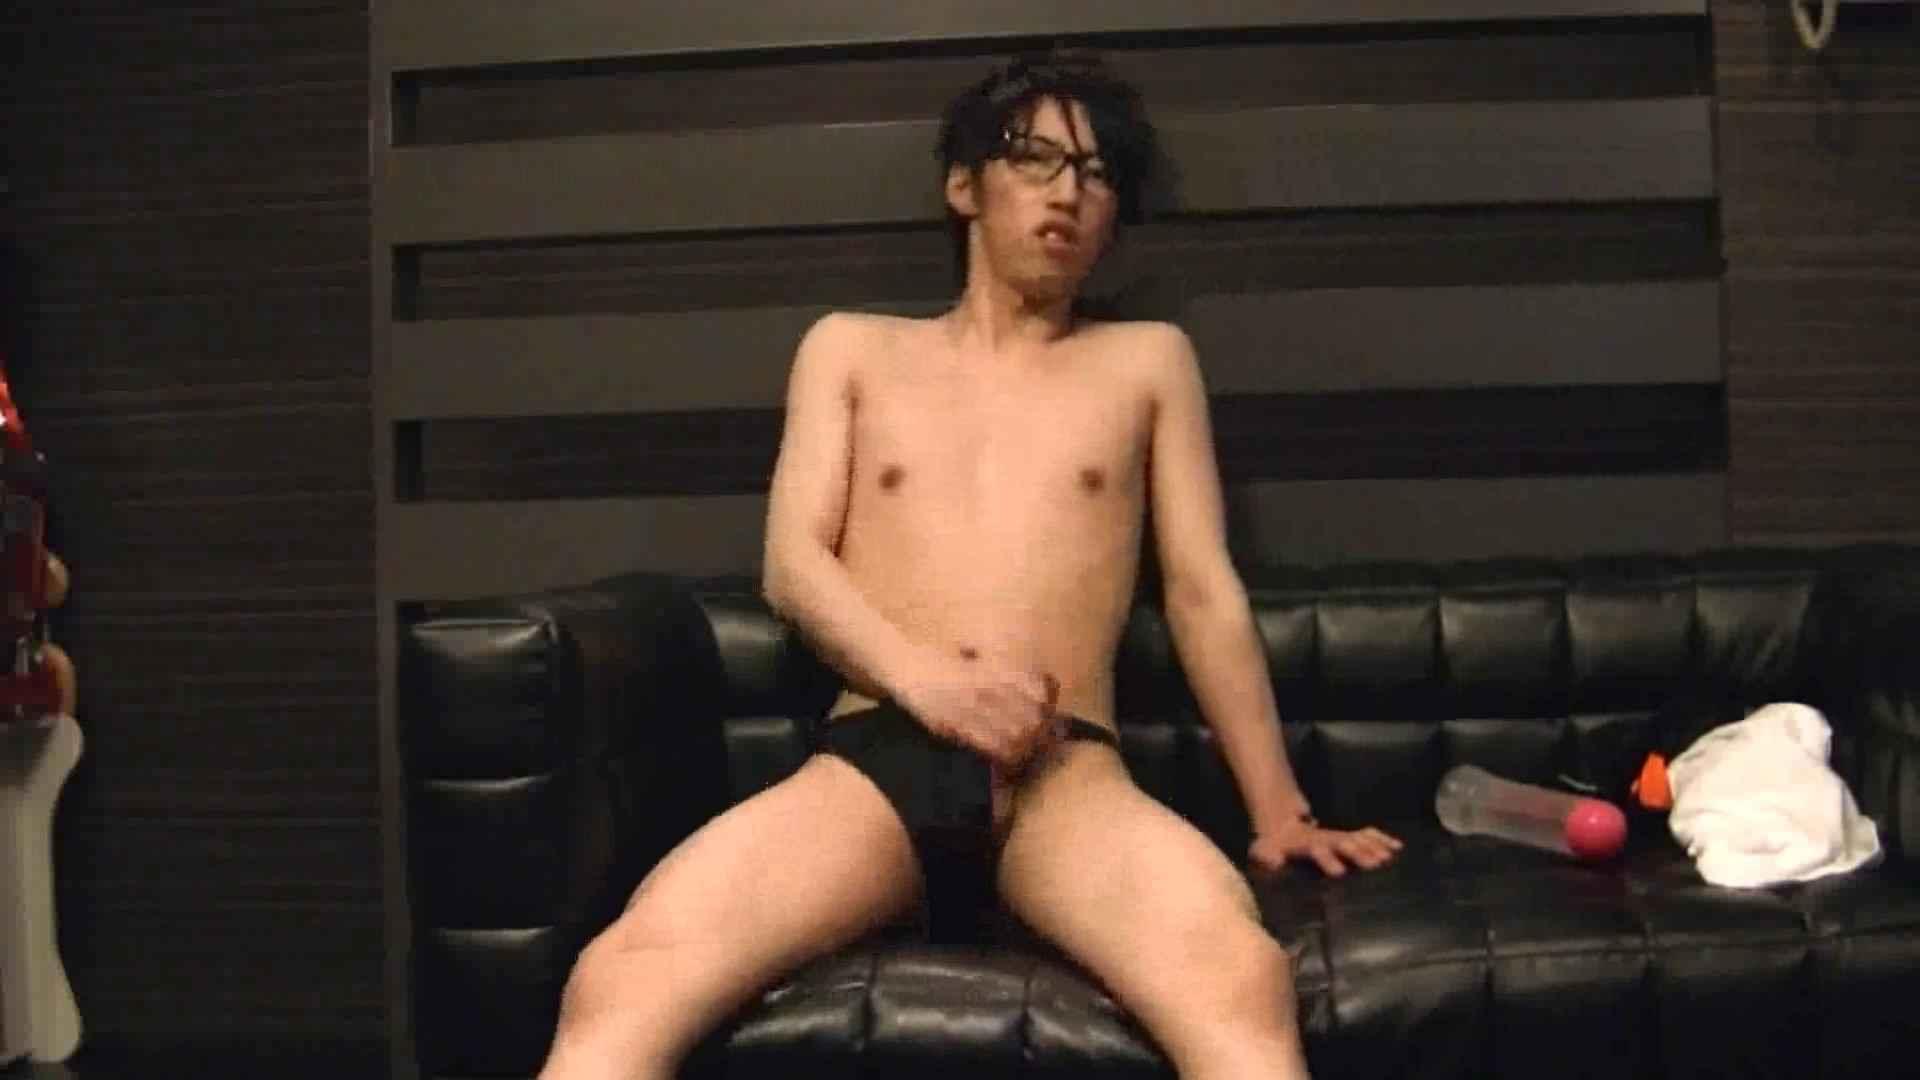 ONA見せカーニバル!! Vol3 ゲイのオナニー映像  103枚 68